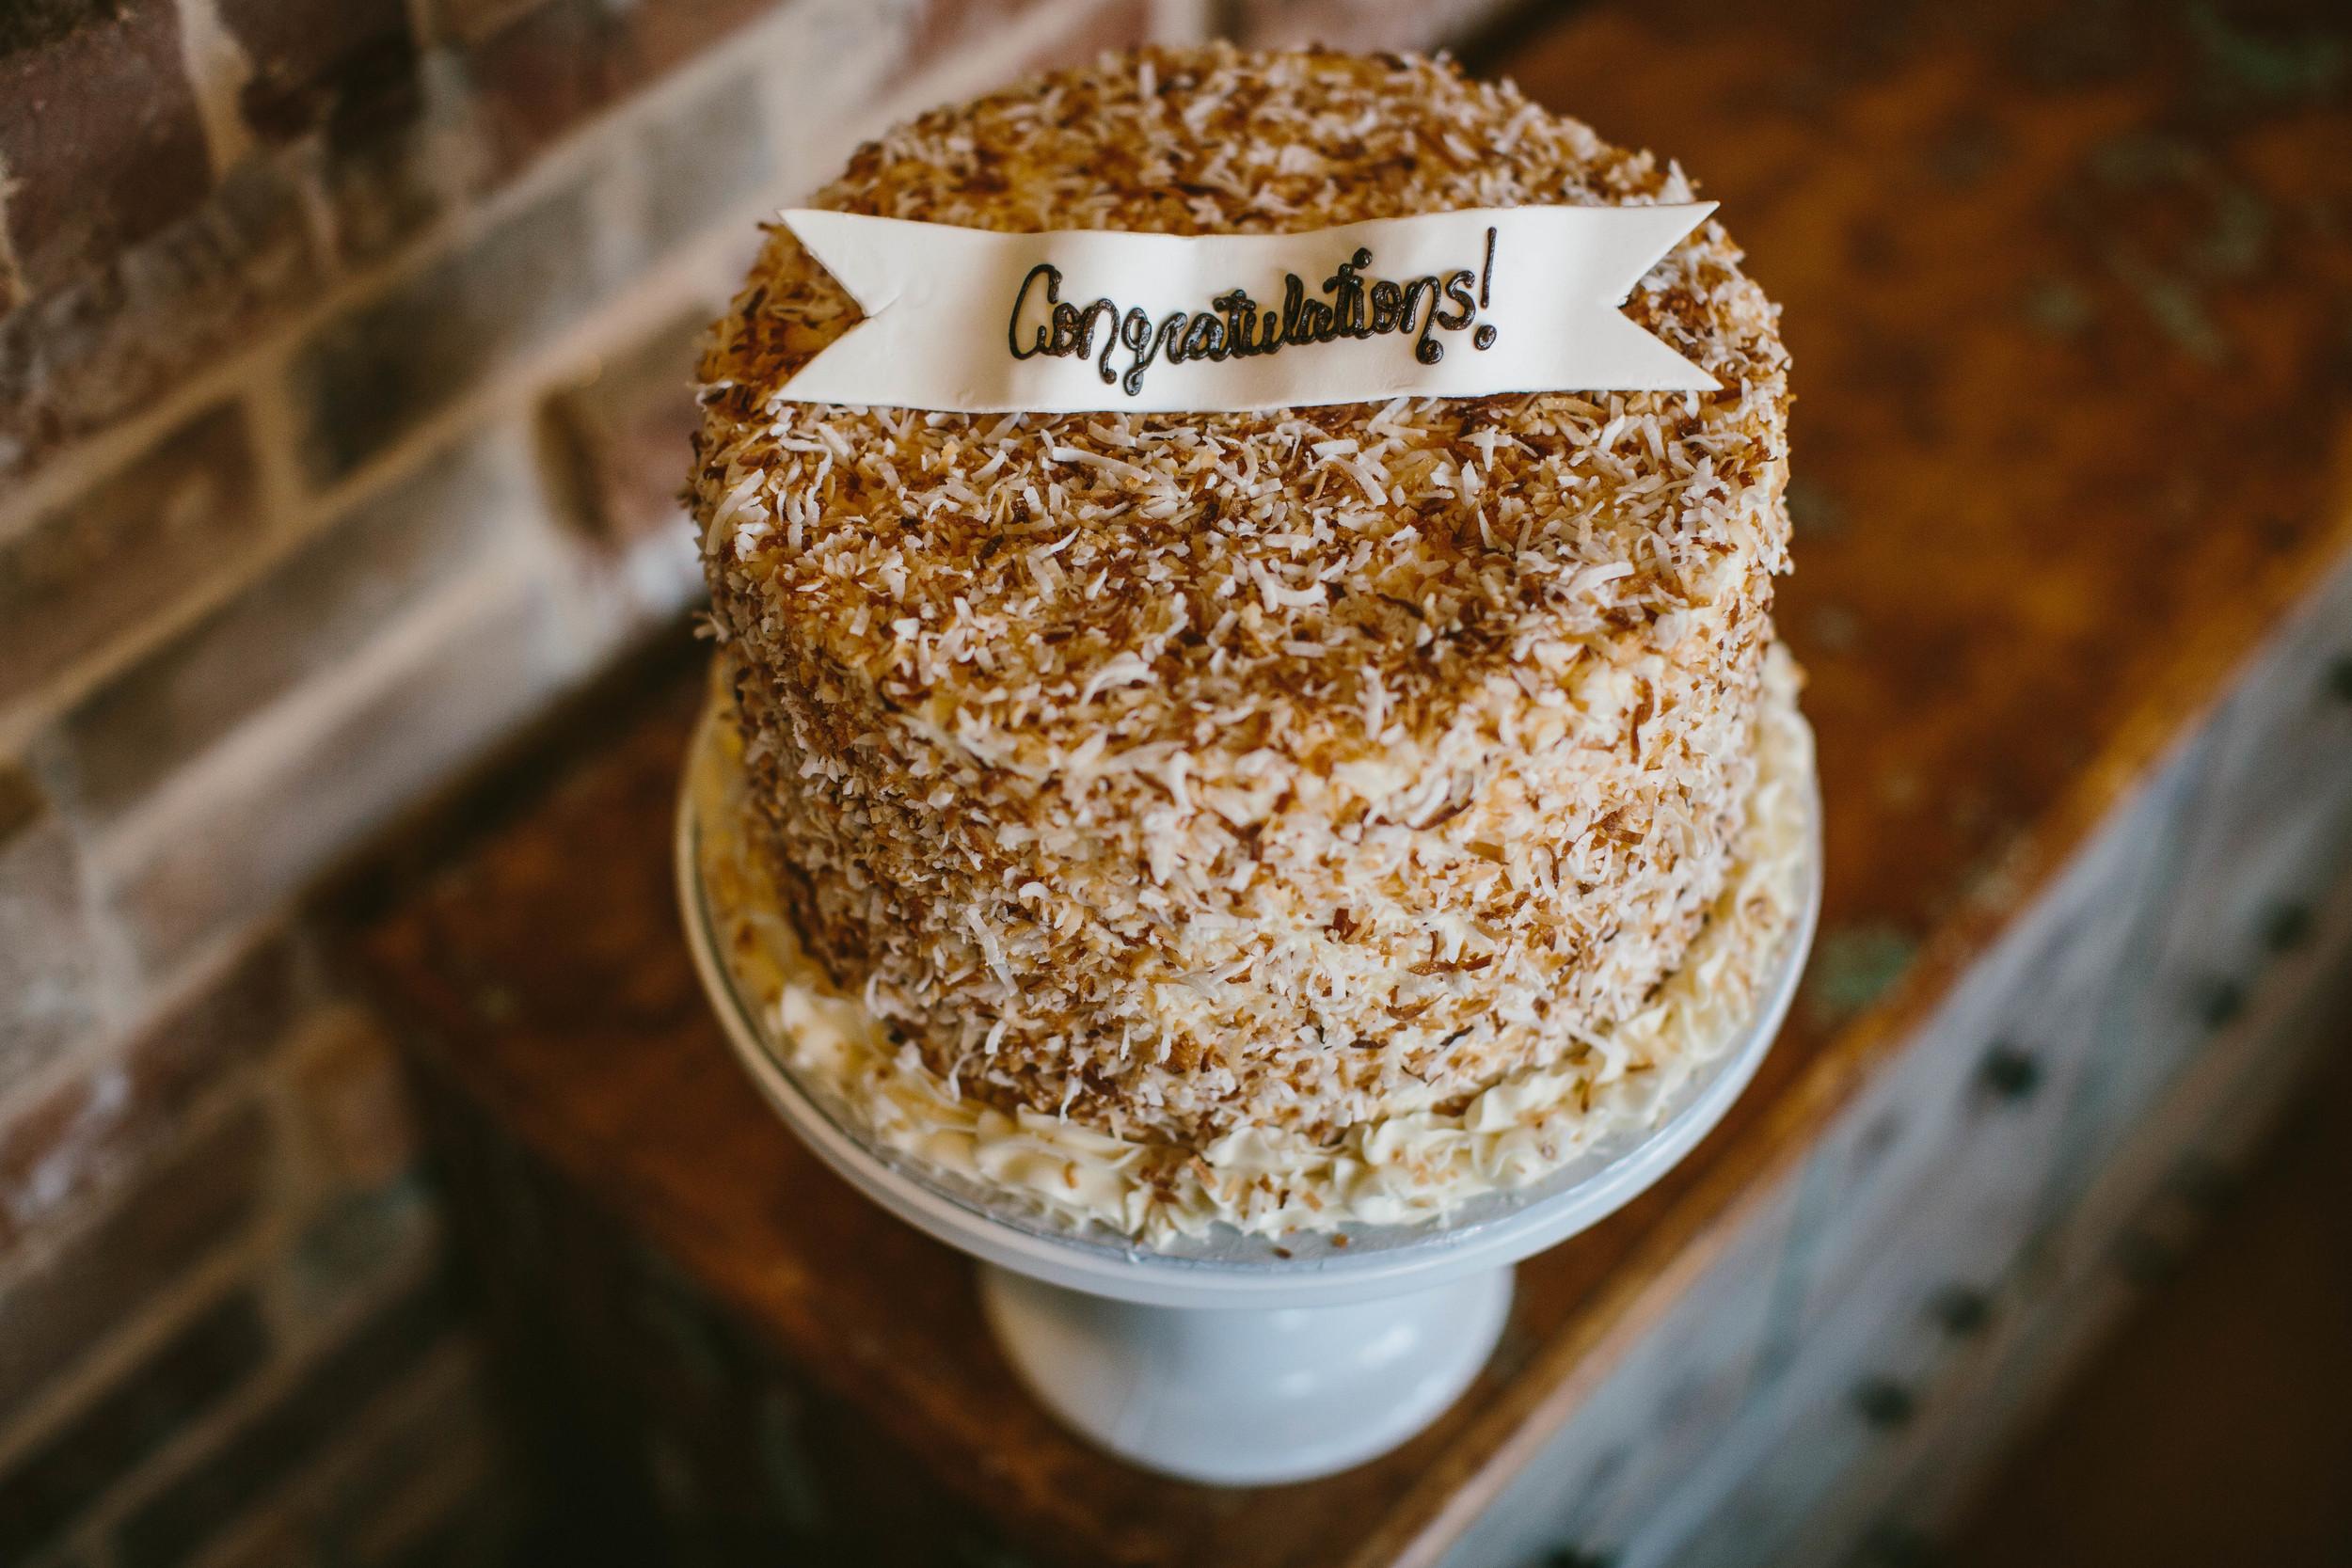 sugarbeesweets-toasted-coconut-cake.jpg